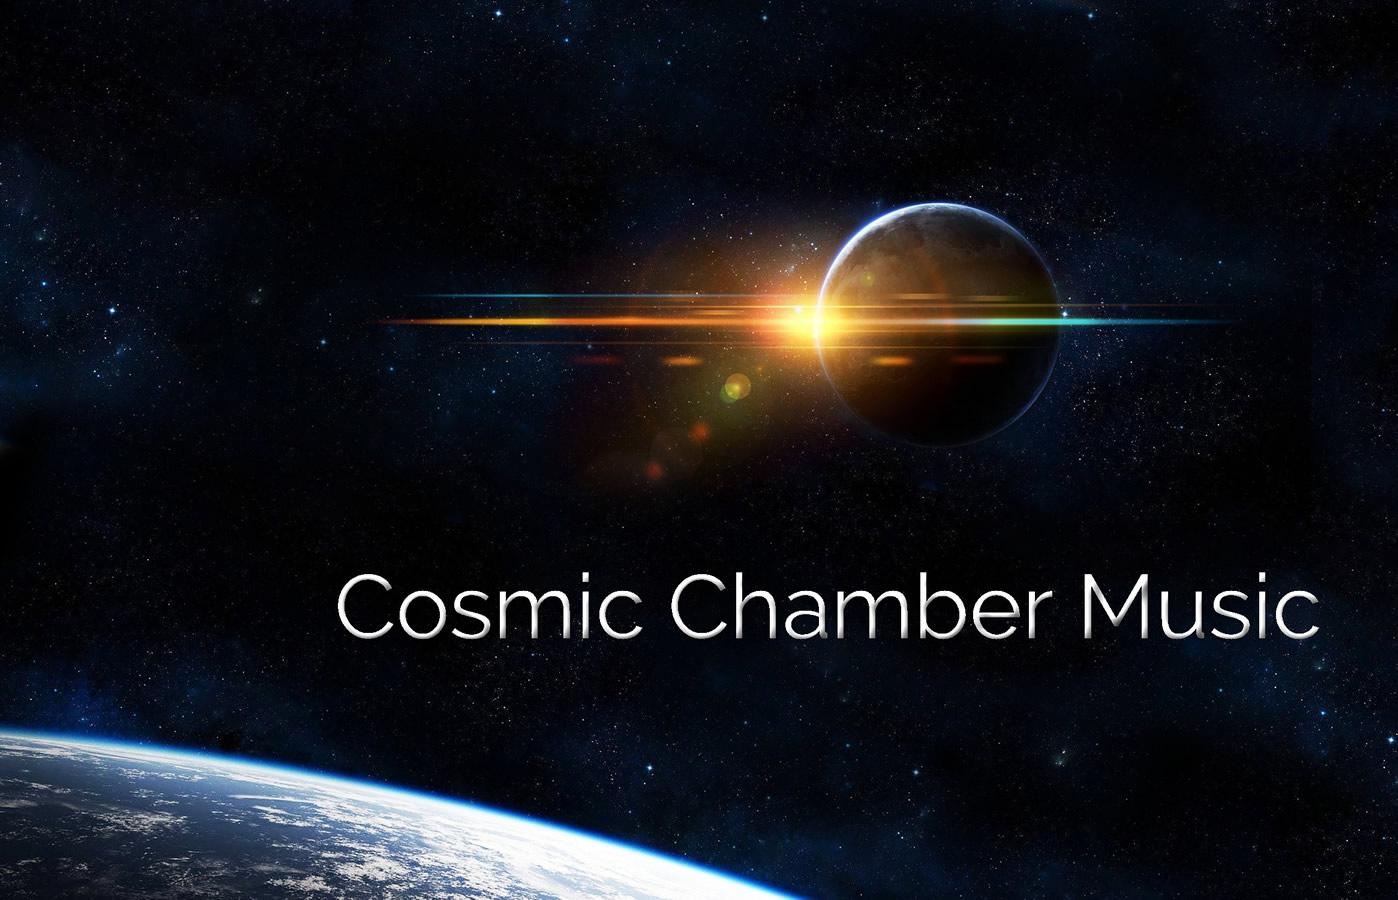 Cosmic Chamber Music